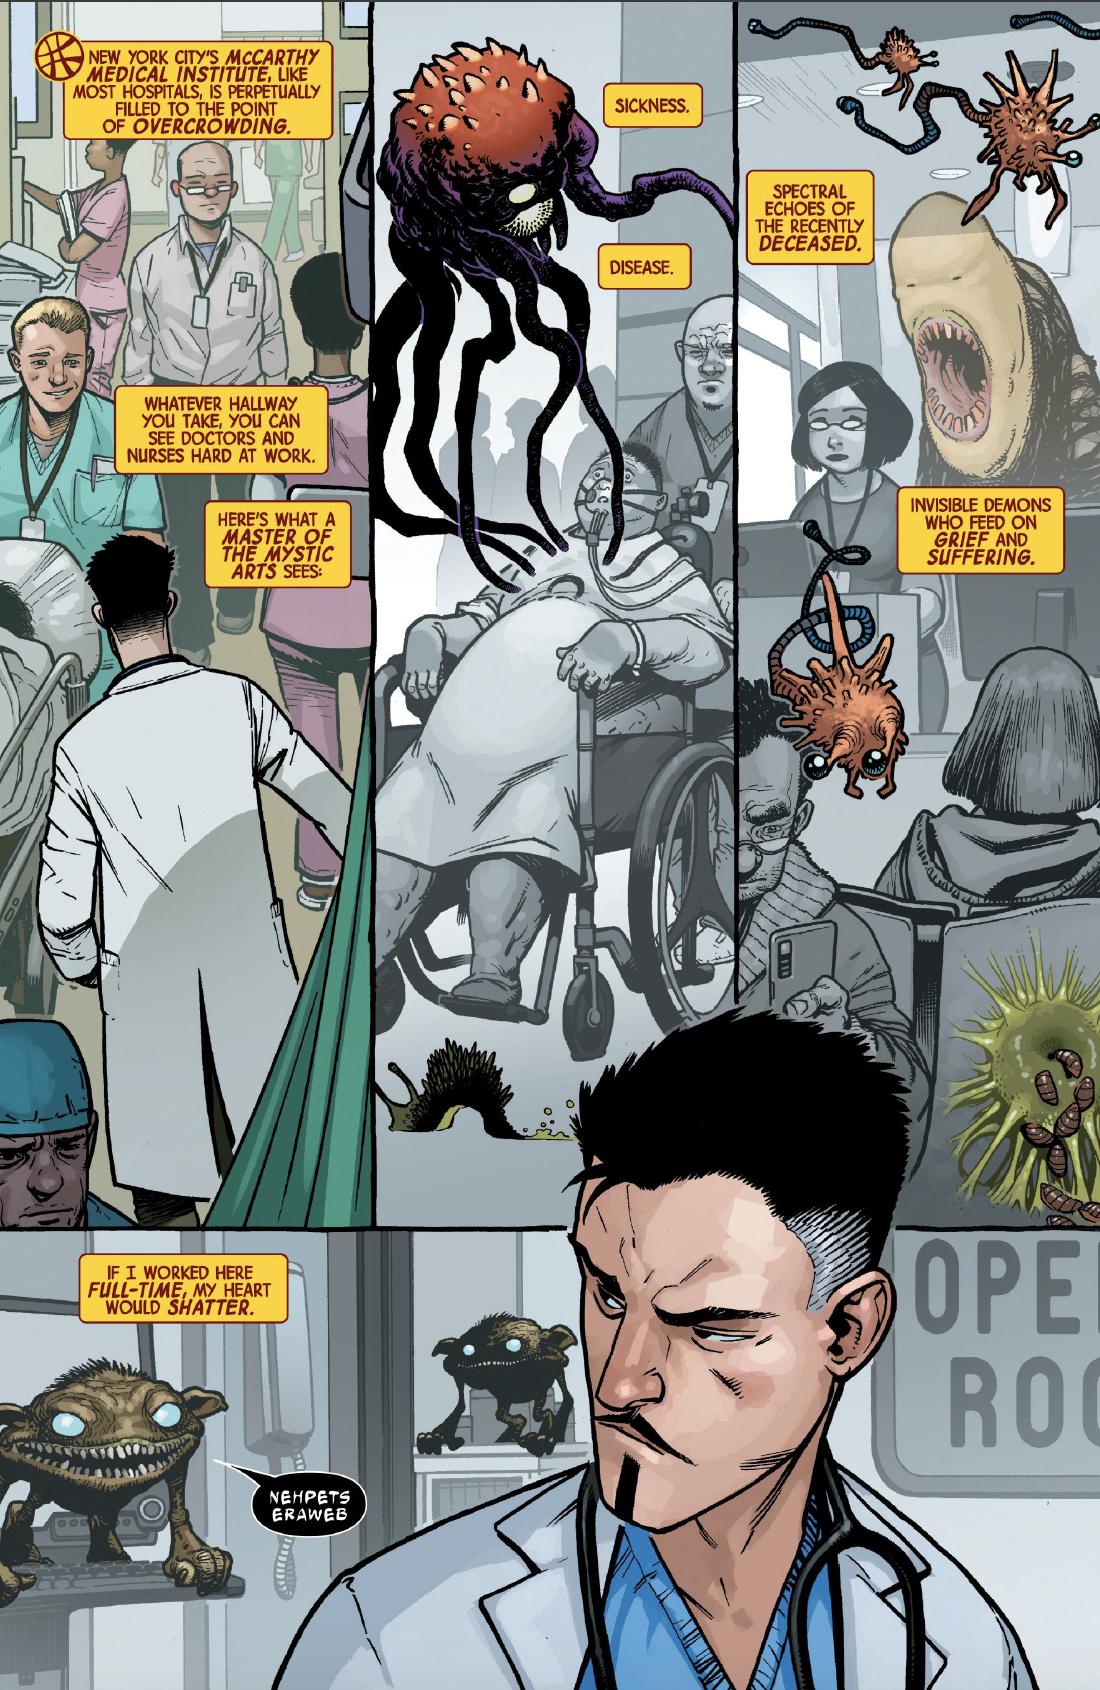 Page 4 of Dr. Strange #1